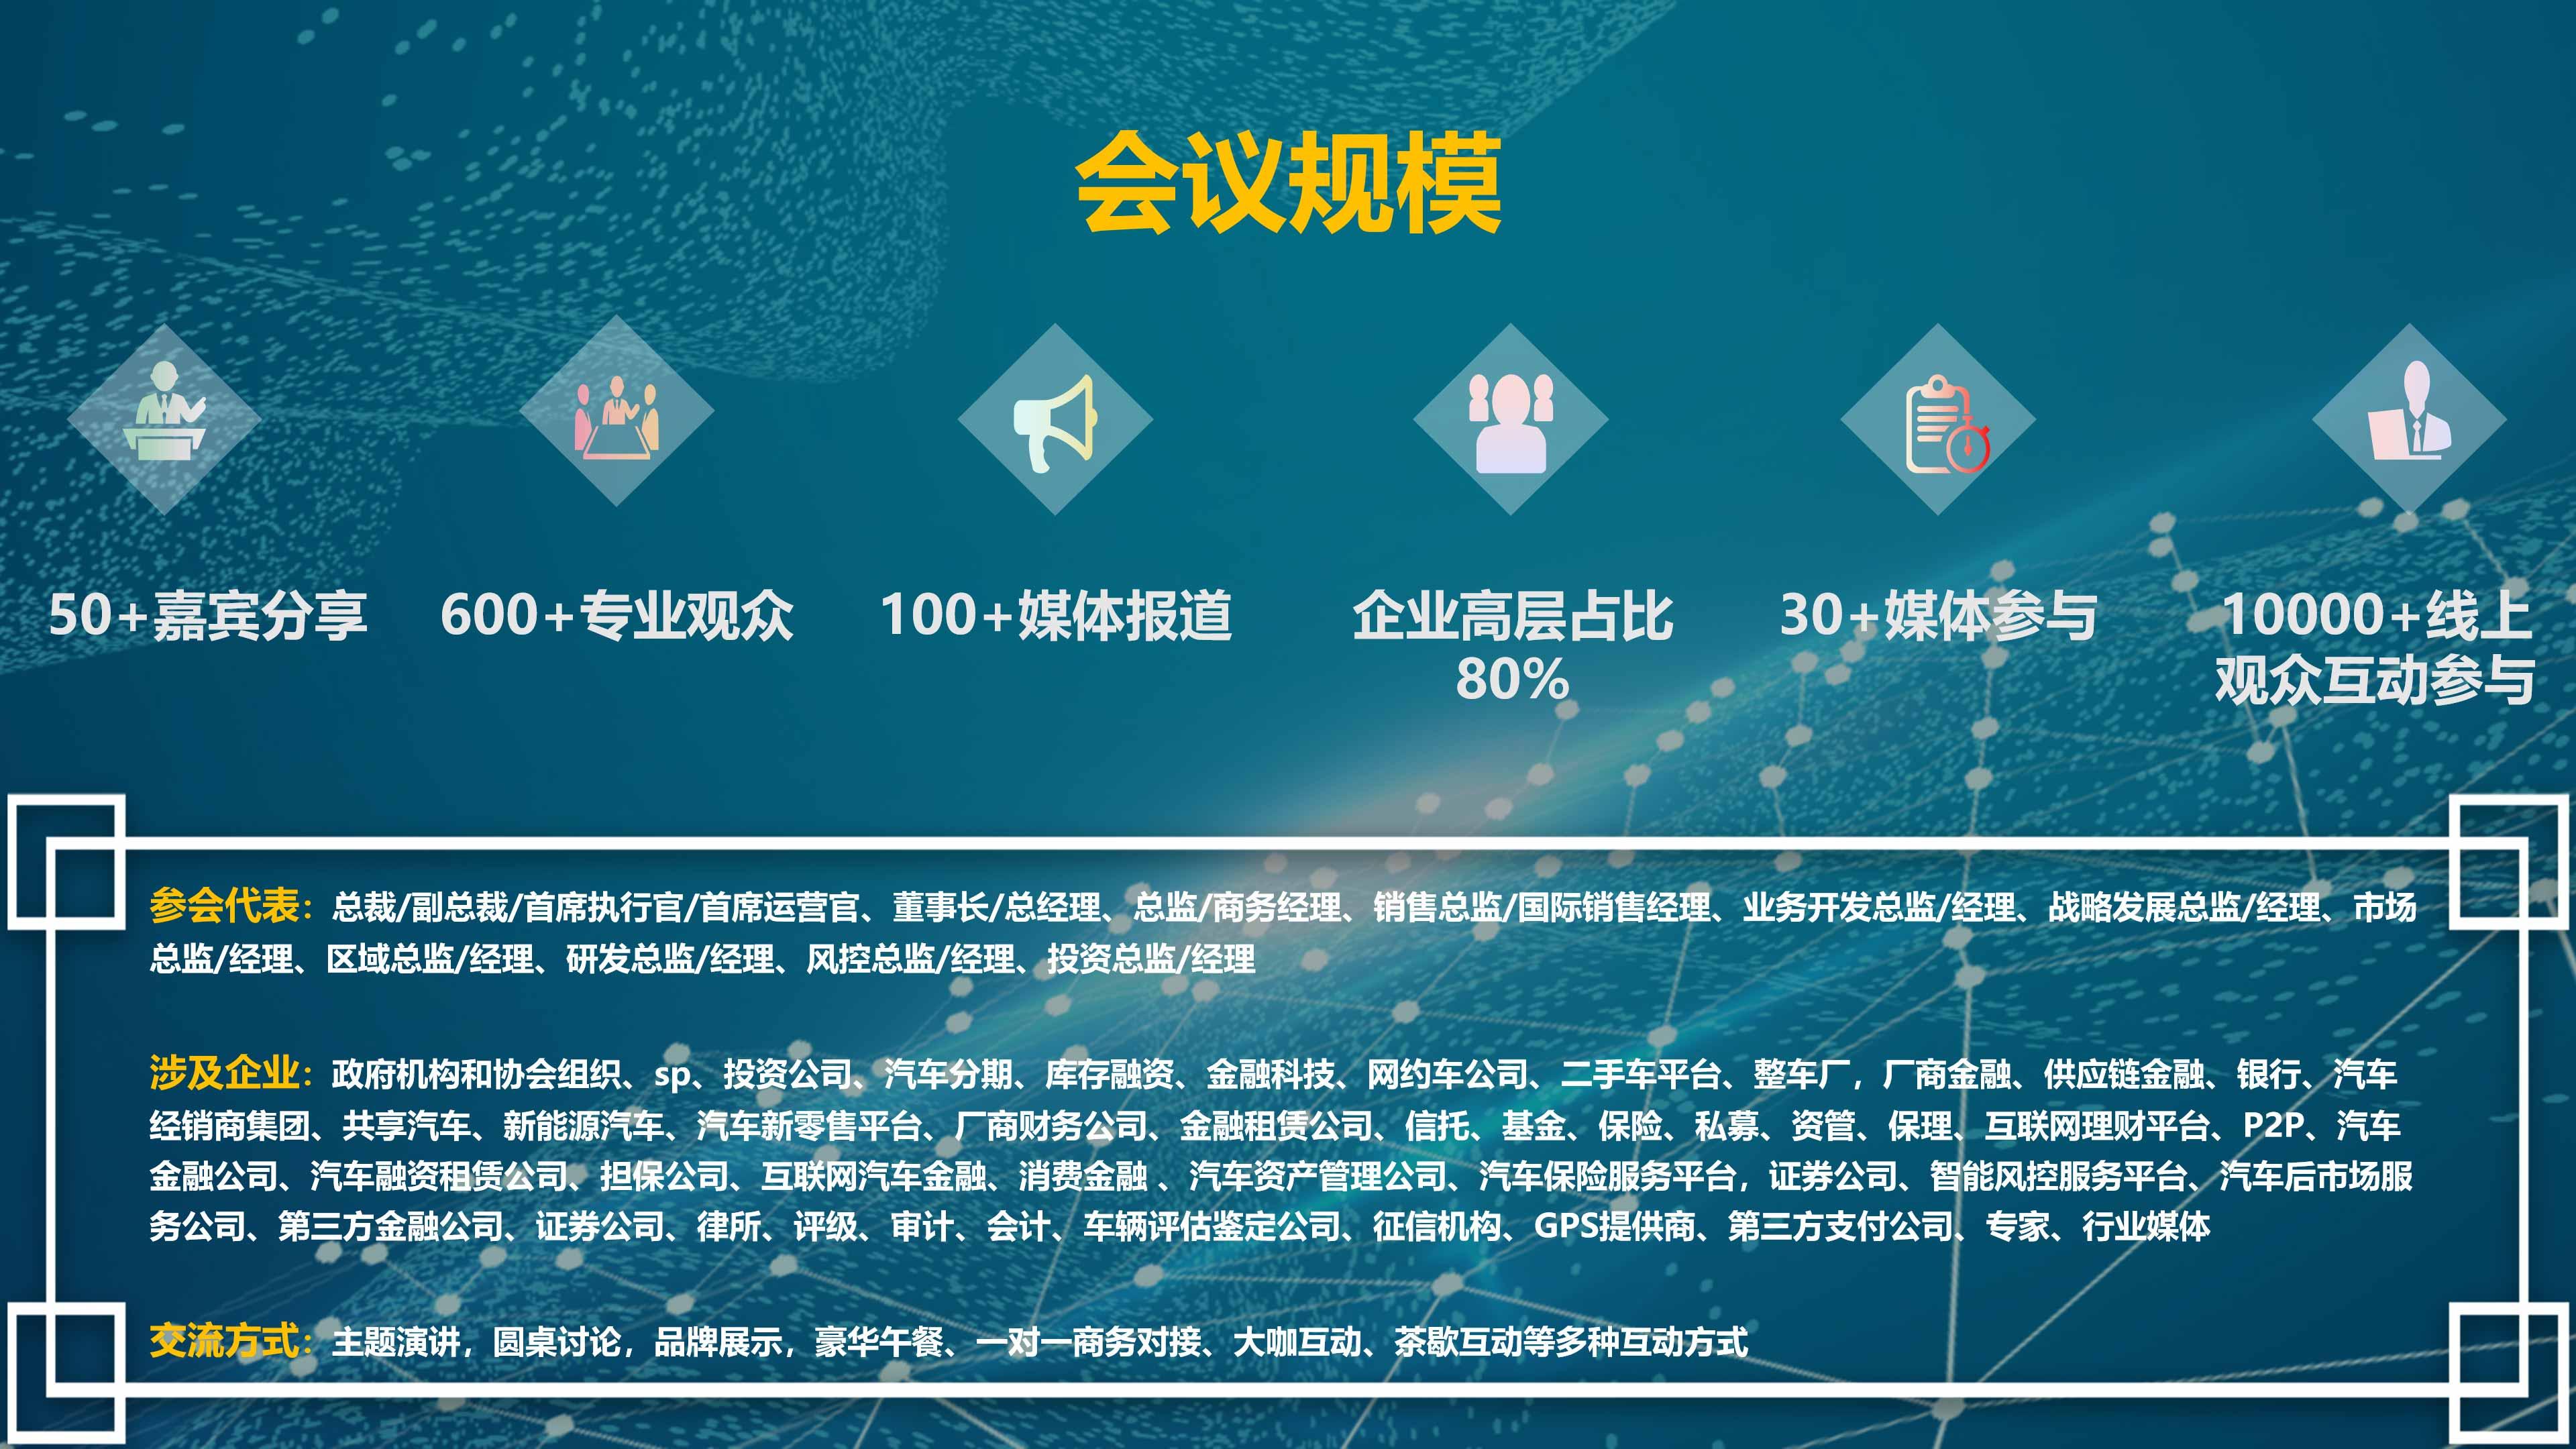 2019中国汽车金融国际峰会(上海)